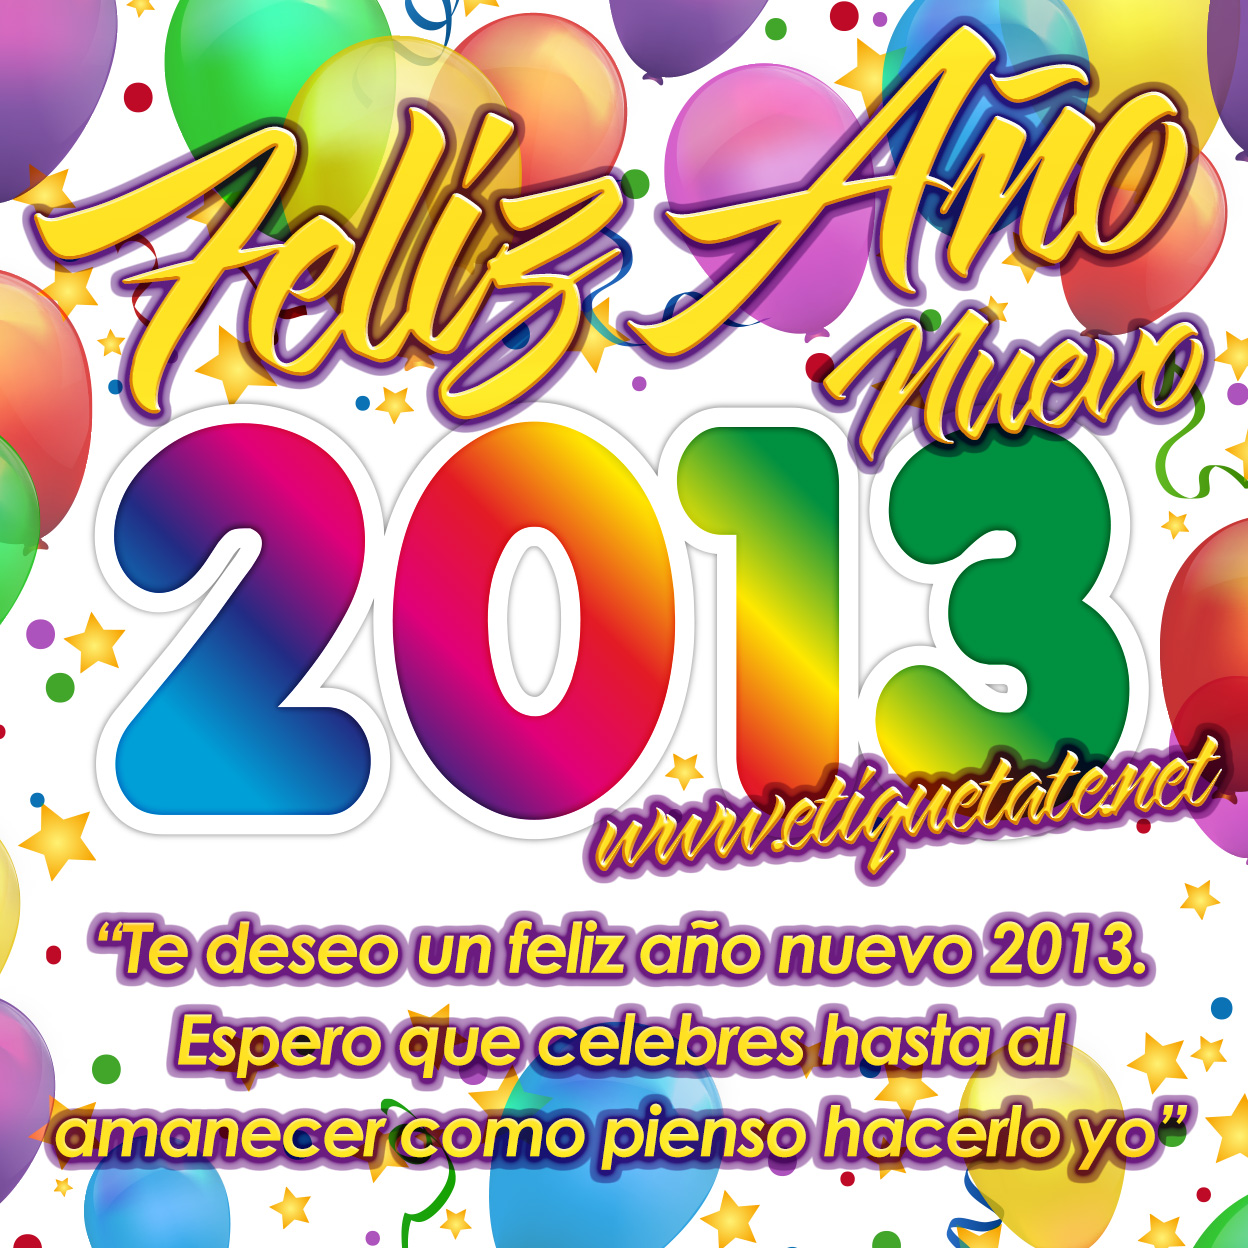 Para el 2013 frases para el 2013 lindos saludos para el 2013